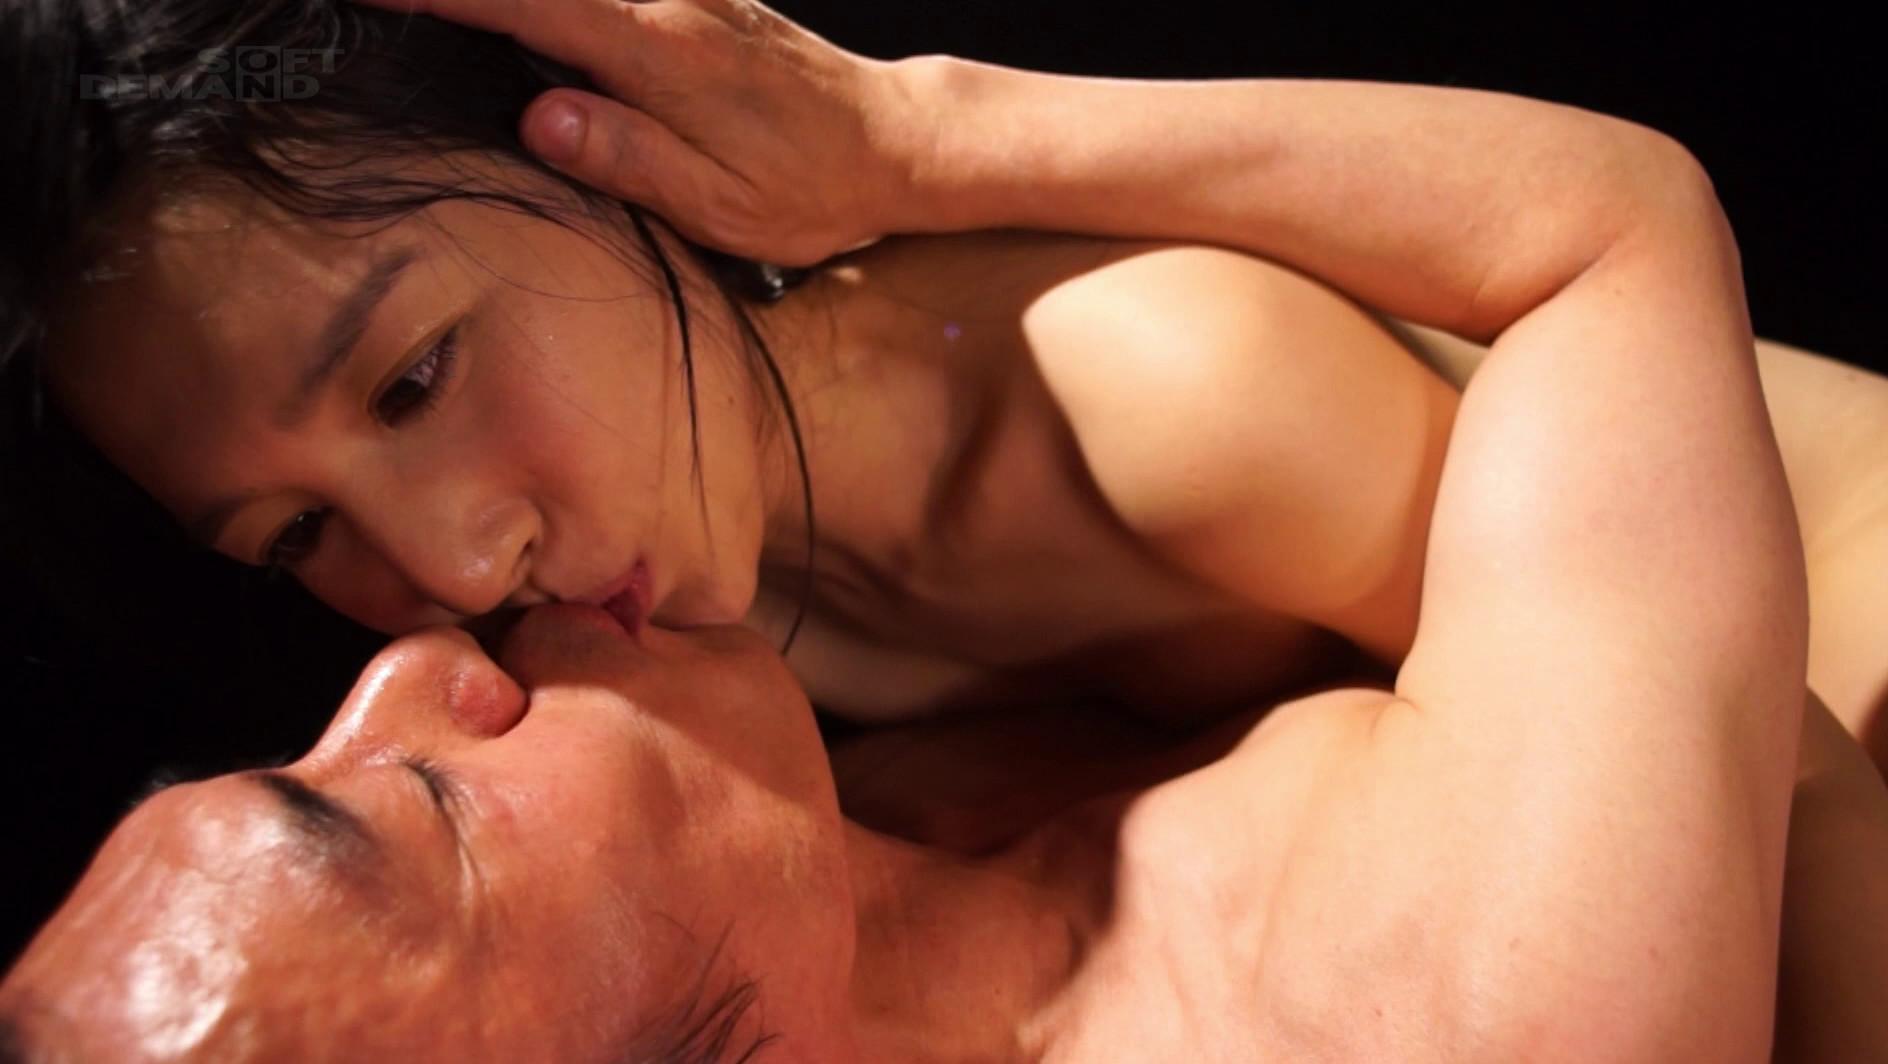 田淵式 秘技伝授 ~道具や体力に頼らずに女性を喜ばせることができる性儀~ 画像12